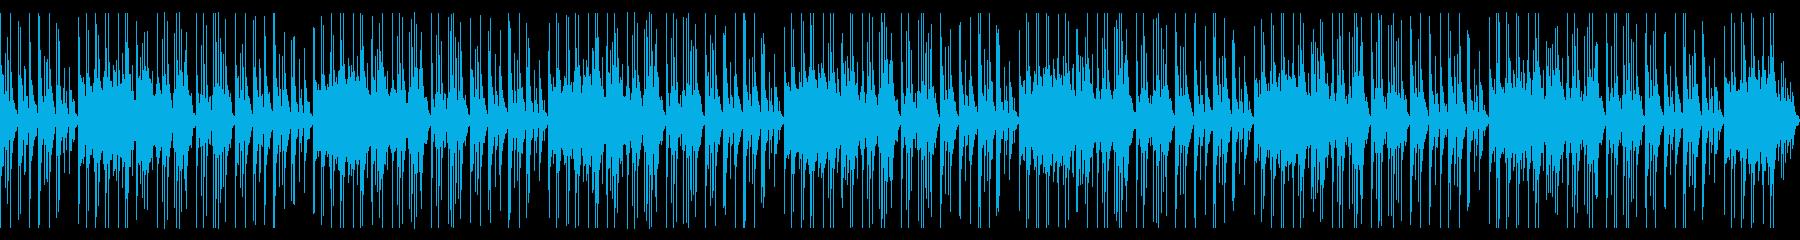 癒される揚琴のヒーリングミュージックの再生済みの波形